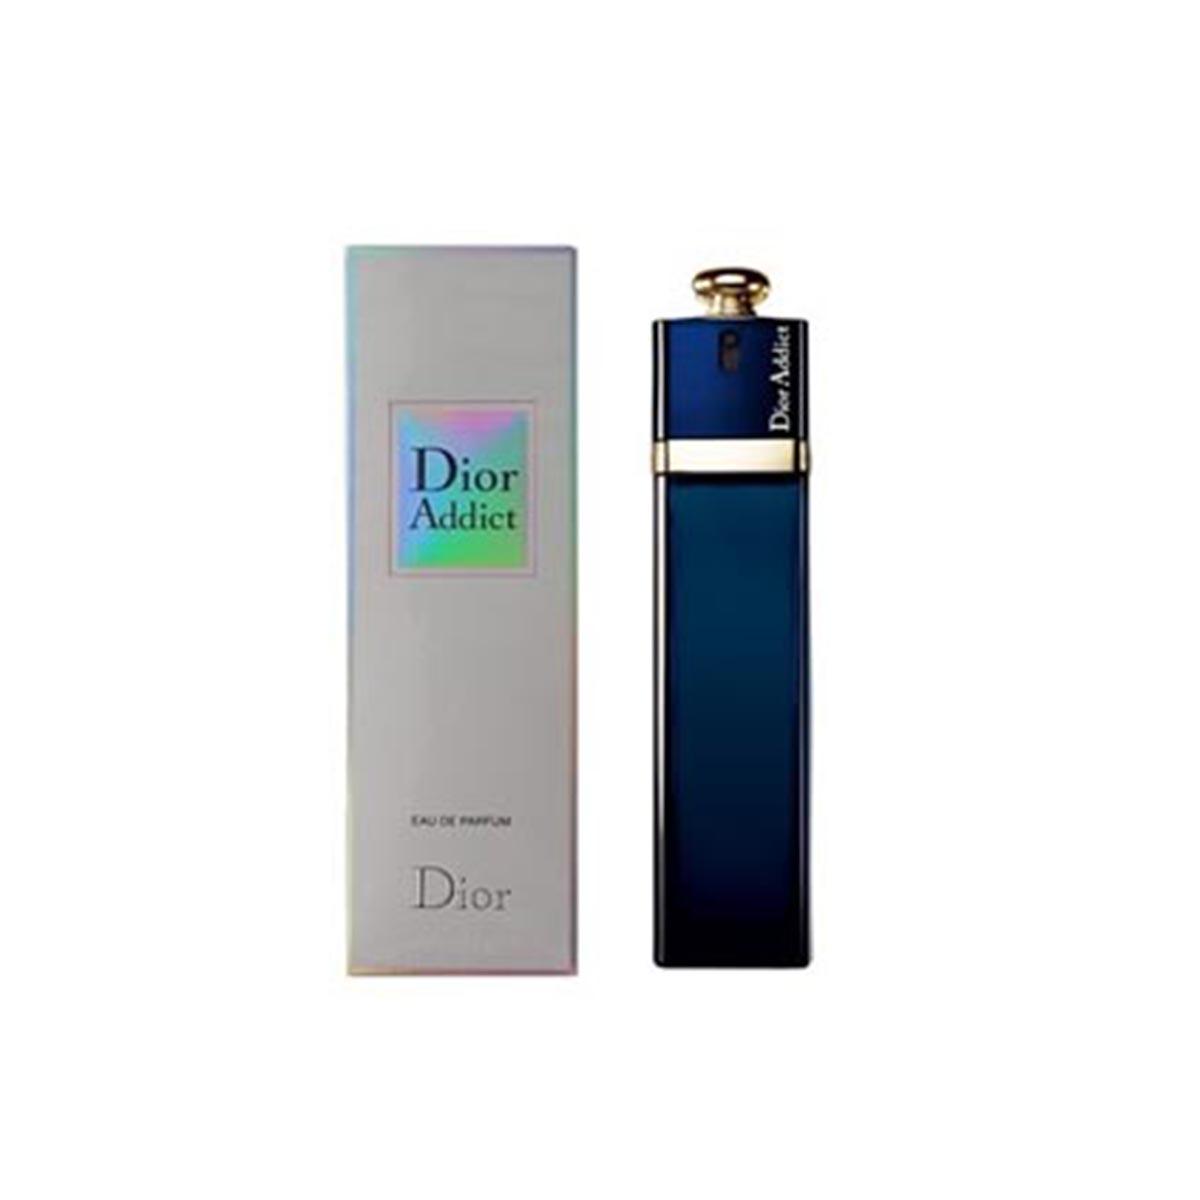 Dior addict eau de parfum 100ml vaporizador